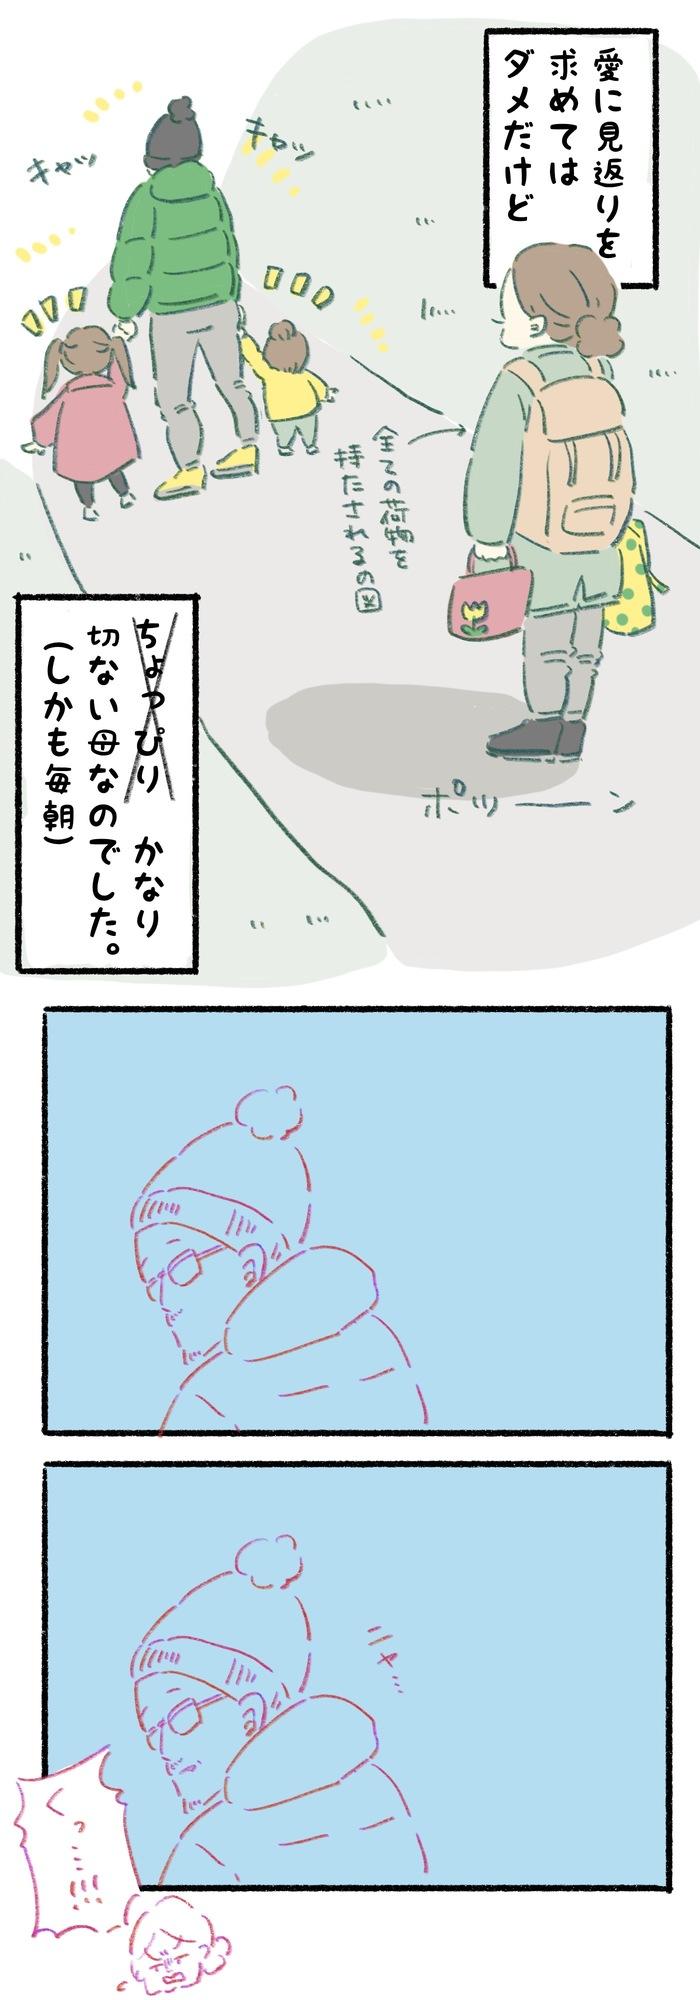 せ…切ないよ!お母さんのことも、構ってよ!!(笑)の画像3